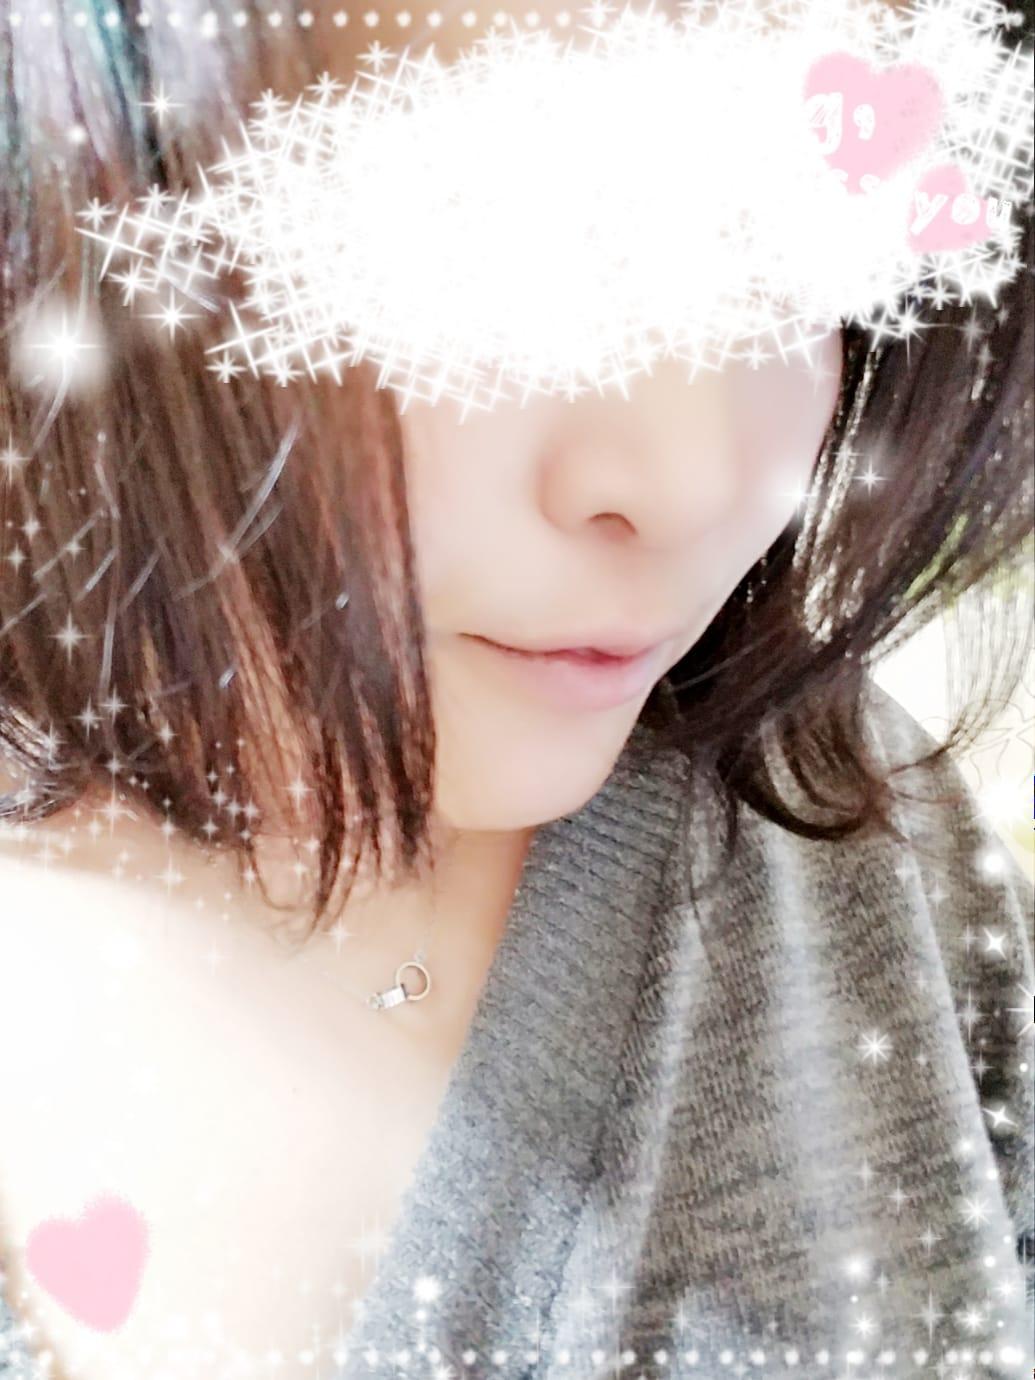 「アゲハの殿方様♡」10/26(木) 04:28 | はるの写メ・風俗動画